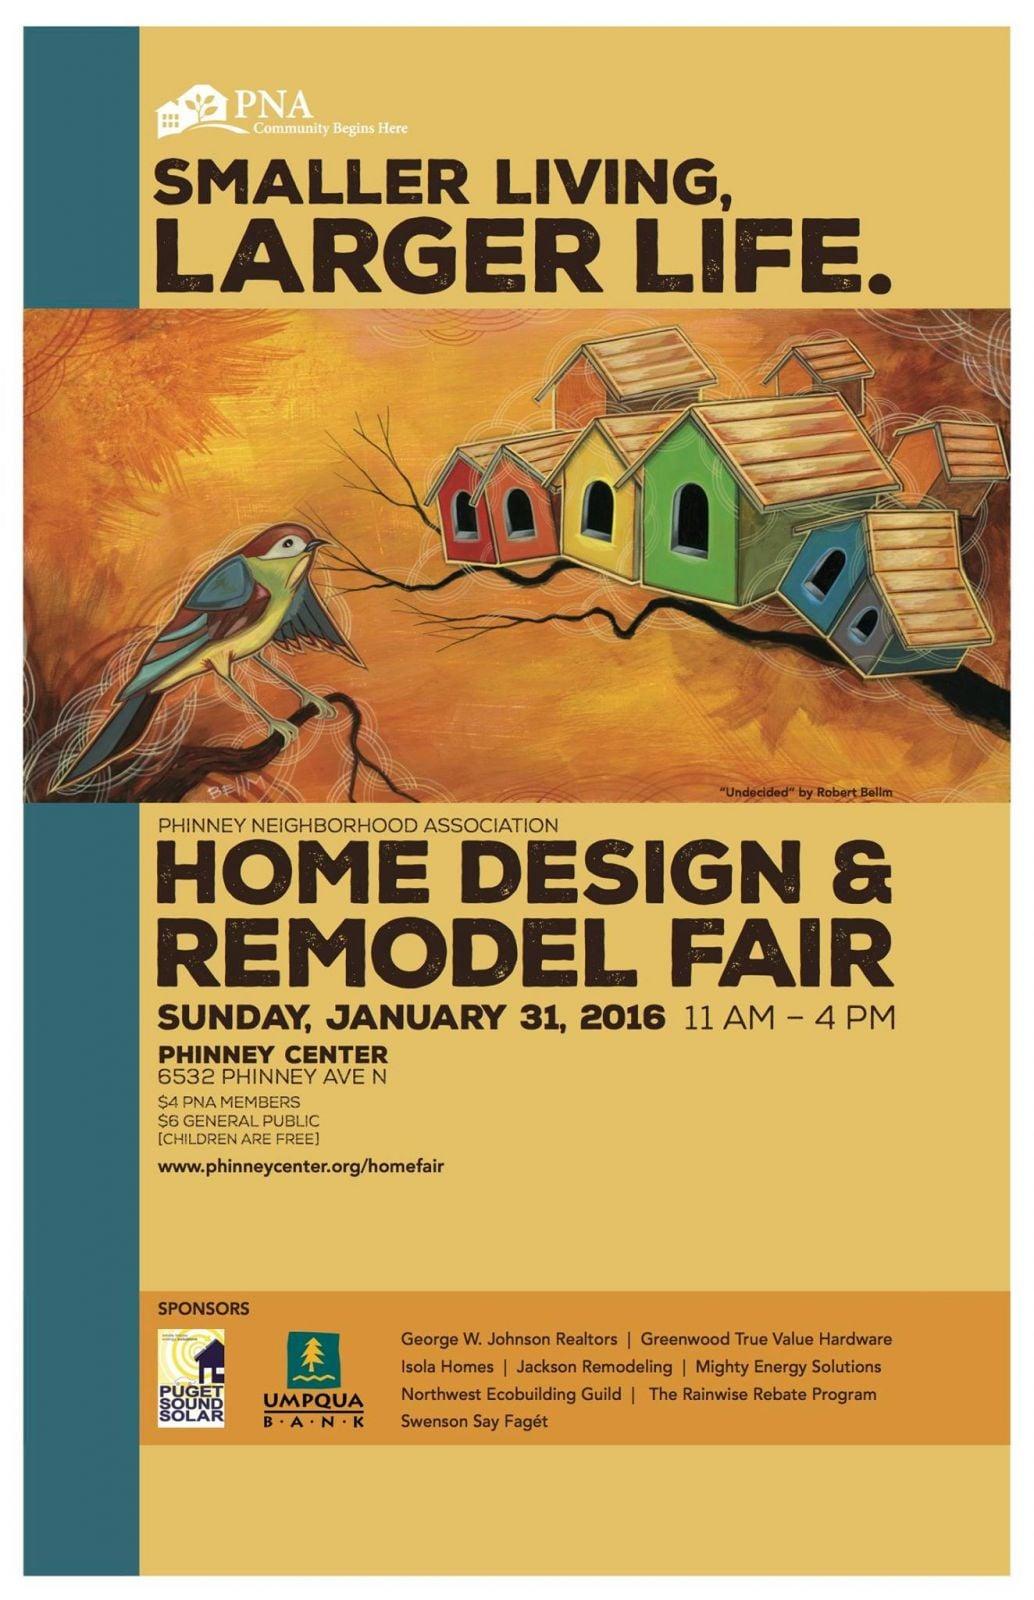 meet us at the 2016 pna home design remodel fair greener meet us at the 2016 pna home design remodel fair greener living solutions